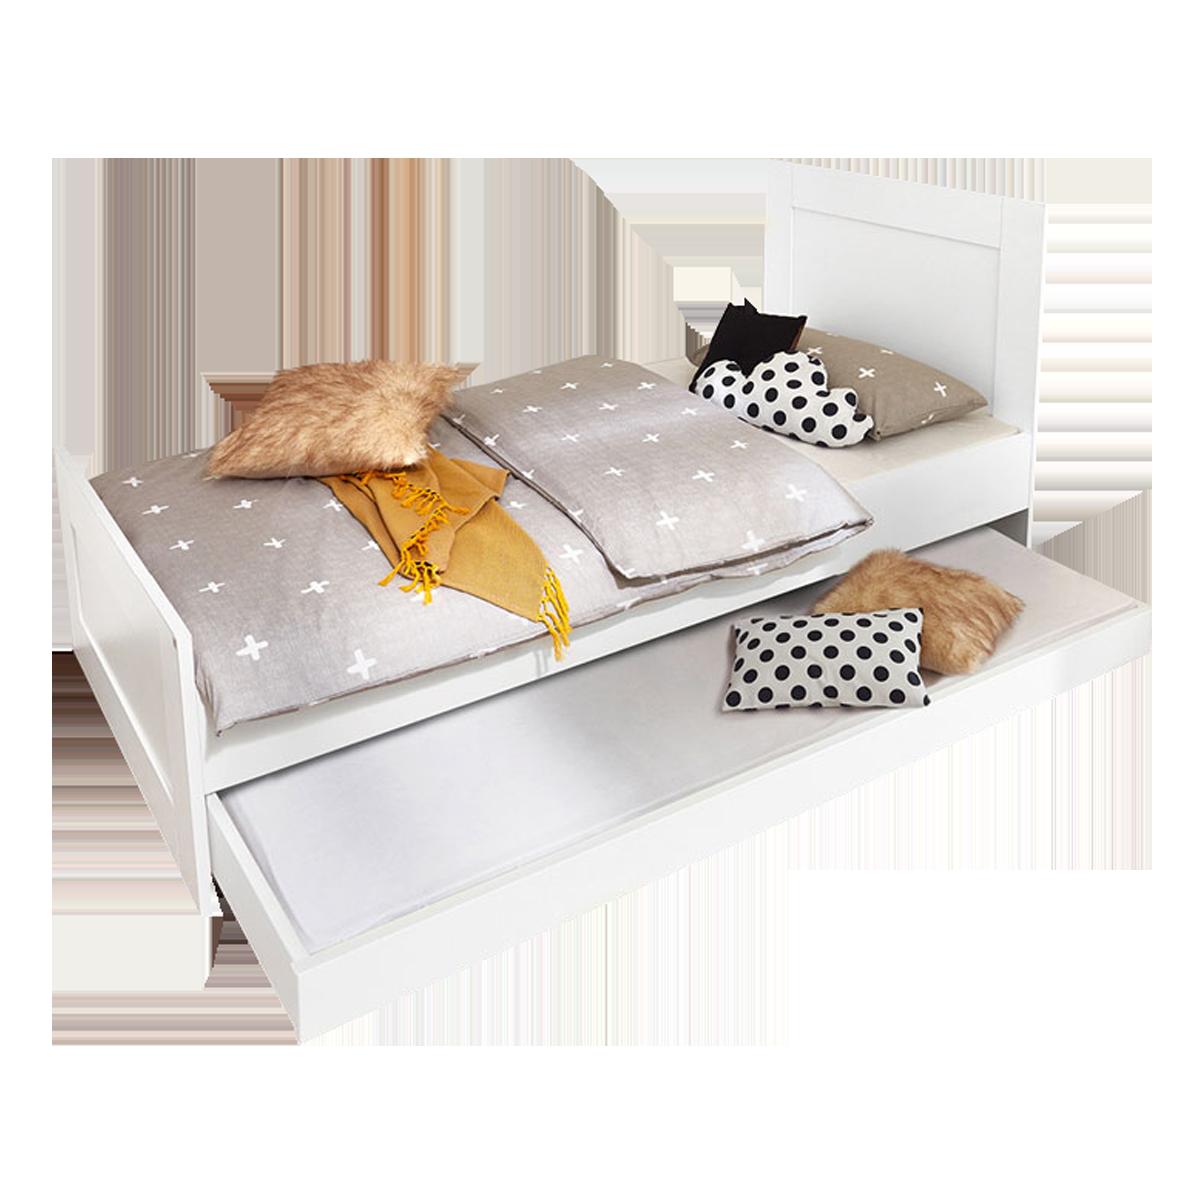 Full Size of Das Bett Breitenrain Breite 220 140 Bar Cm Ikea Bettbreite 160 Oder 180 120 Breiter Machen Rhr Bush Kinderbett Wei Liegenbett Ausziehbar Jugendzimmer Mit Bett Bett Breite